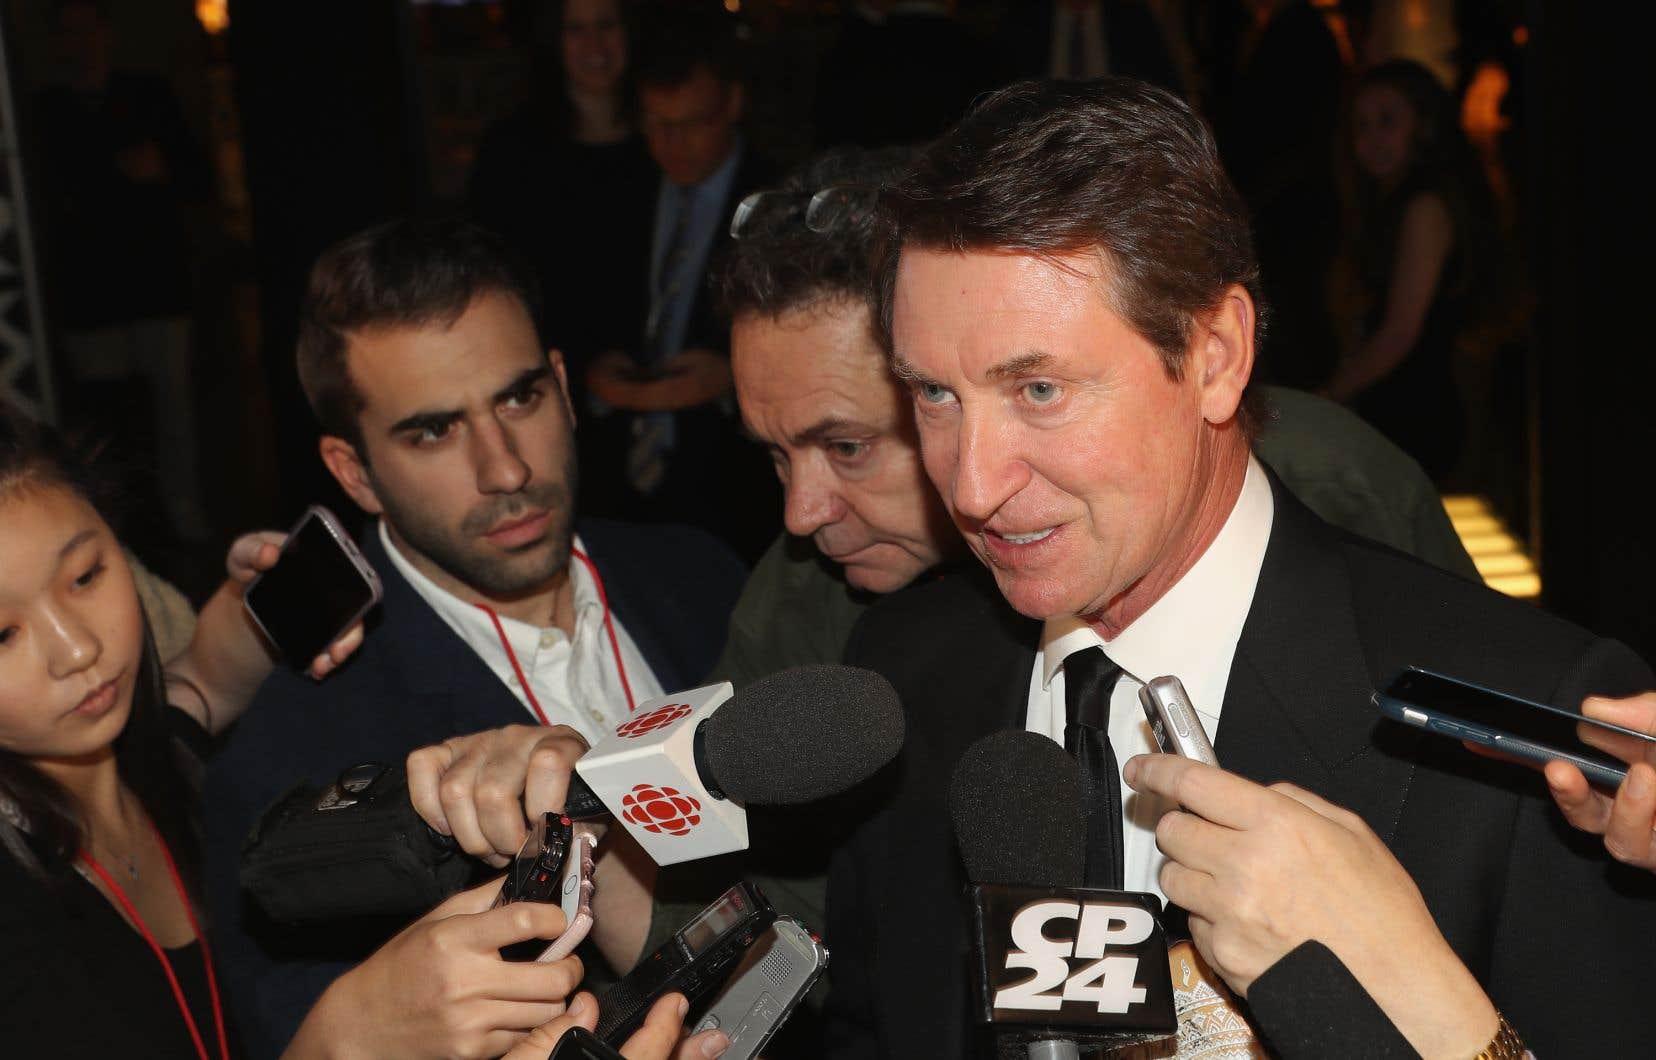 S'exprimant avant la cérémonie d'intronisation du Temple de la renommée du hockey lundi soir, Gretzky n'a pas voulu dire s'il estimait que les 22000$US constituaient un montant acceptable pour les joueurs.